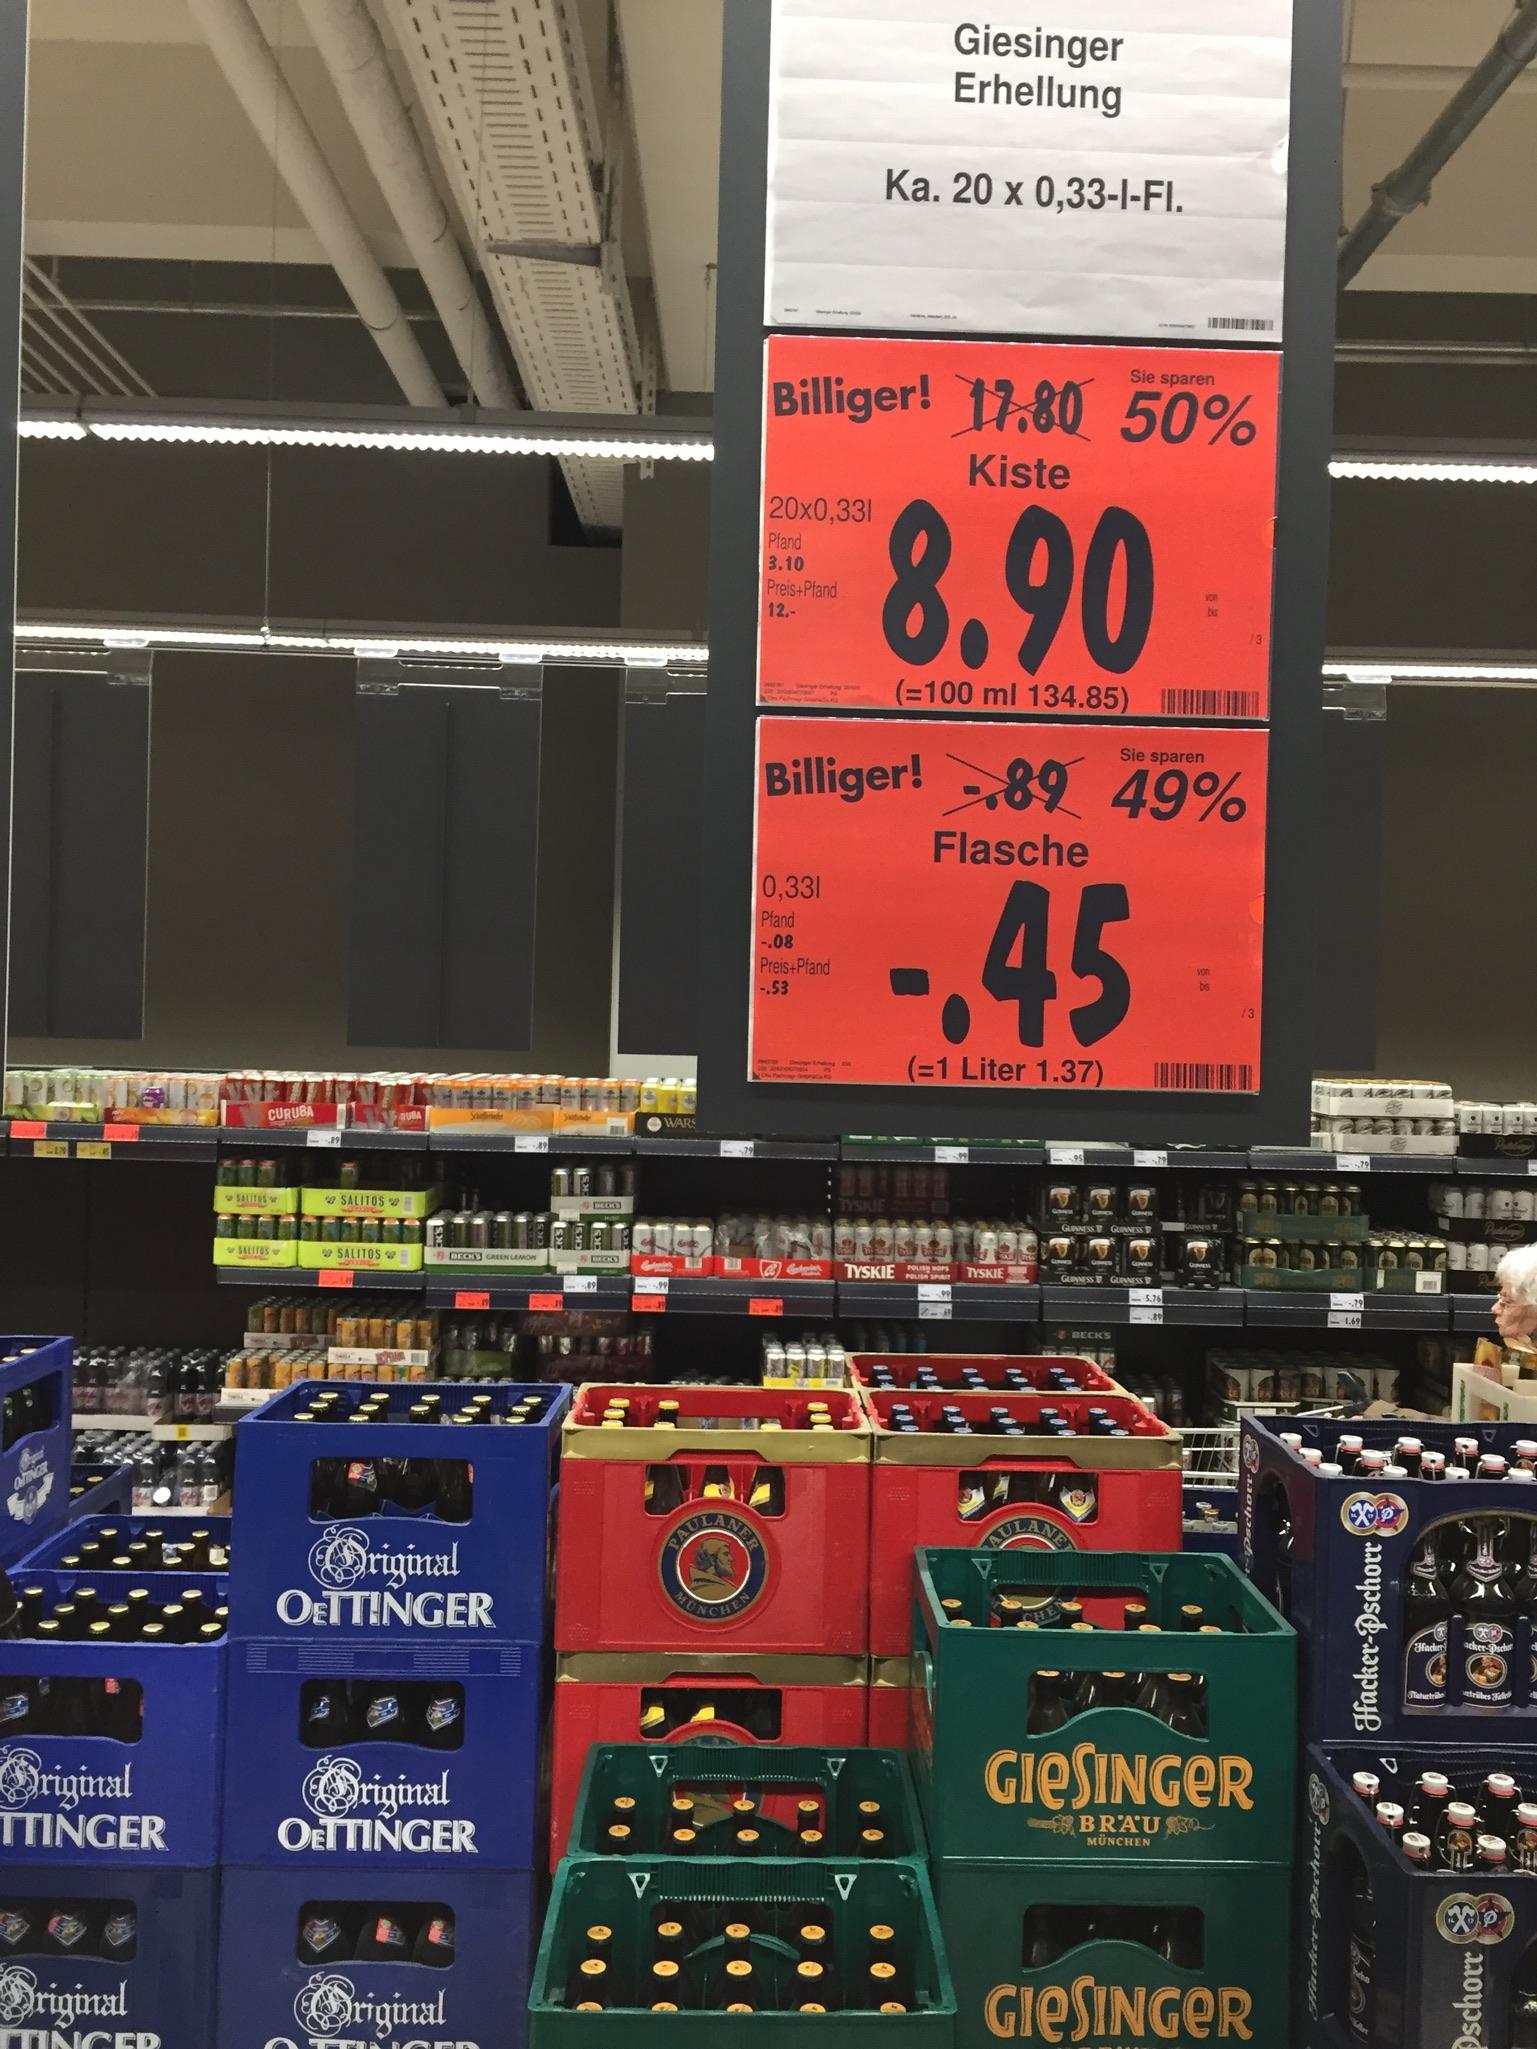 [Kaufland München PEP] Giesinger Erhellung 20 x 0,33 - MHD 02/2017 - 50% reduziert!